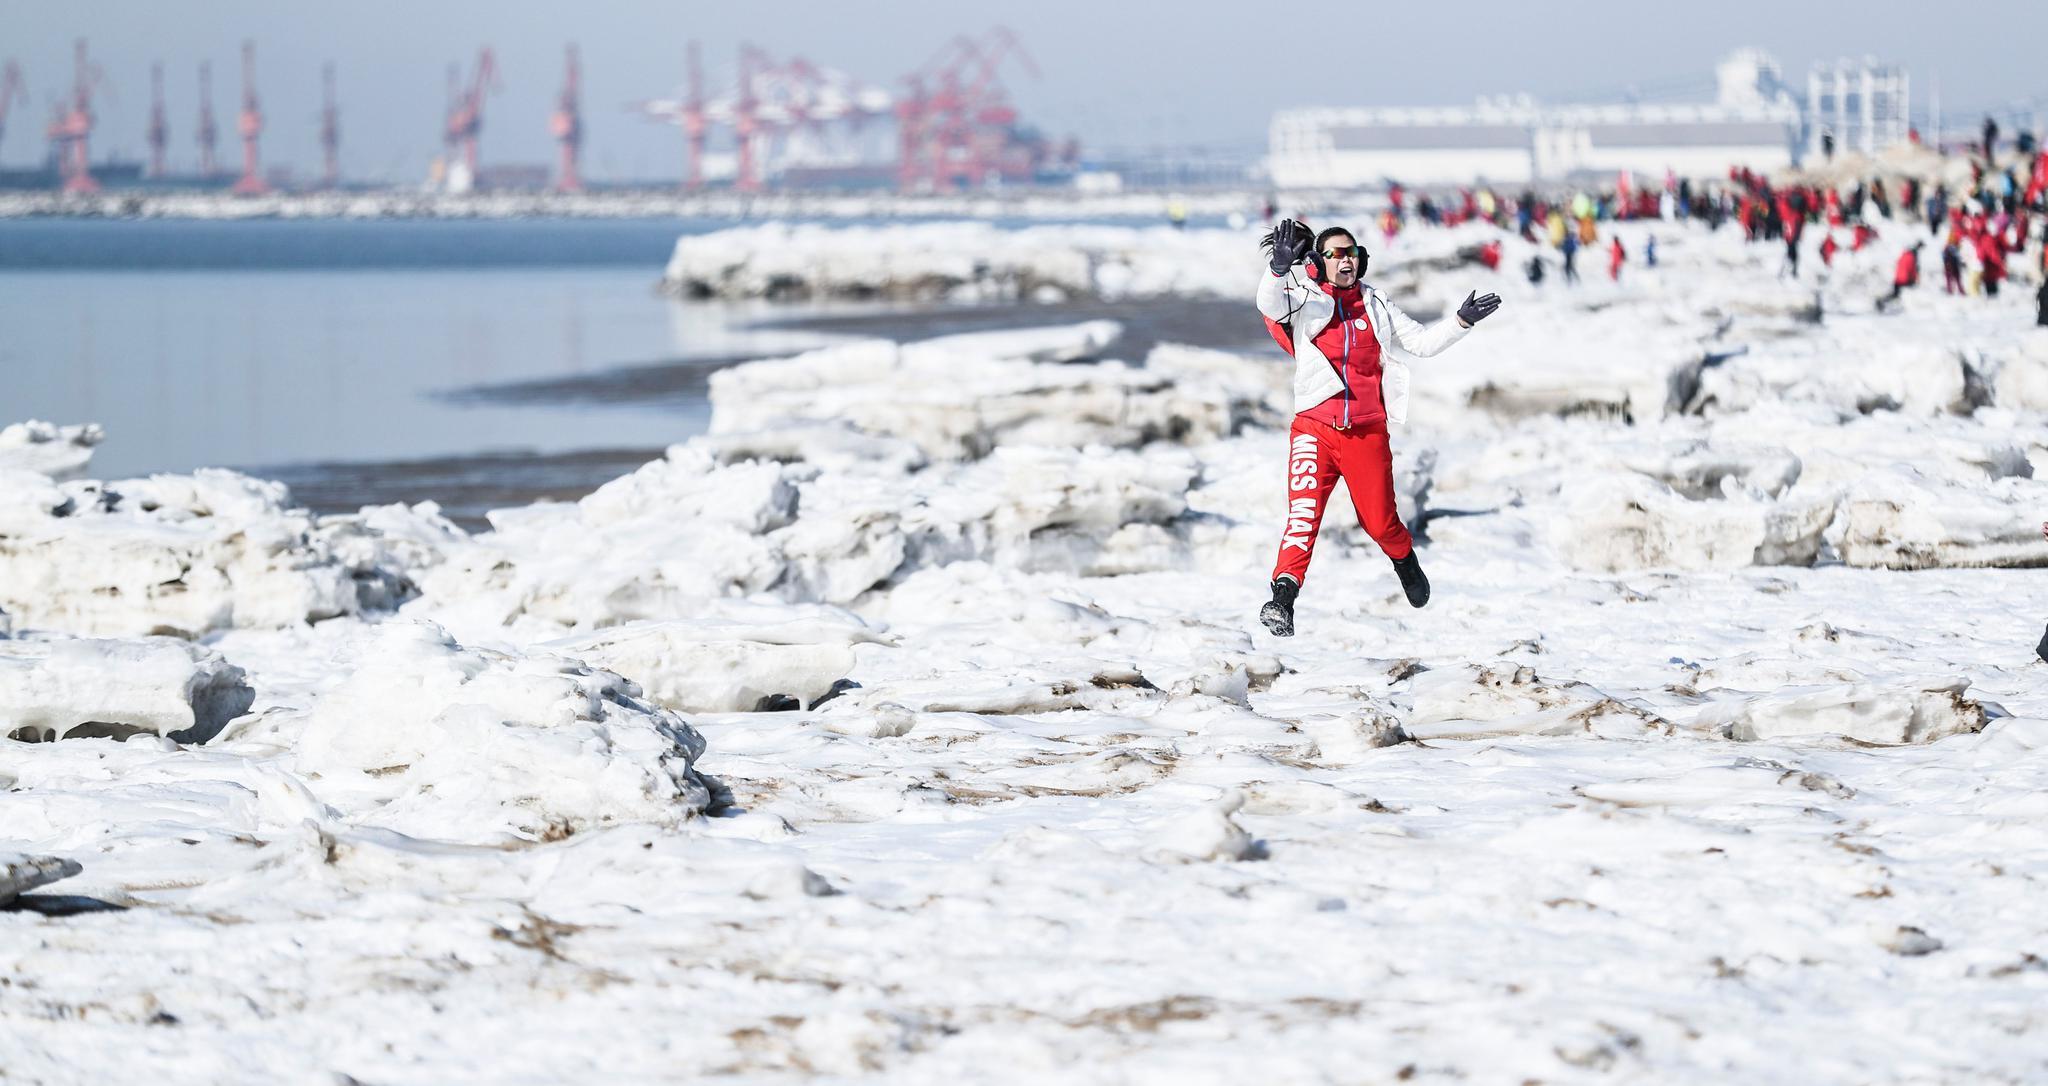 全民健身——穿越冰凌 体验冰雪乐趣